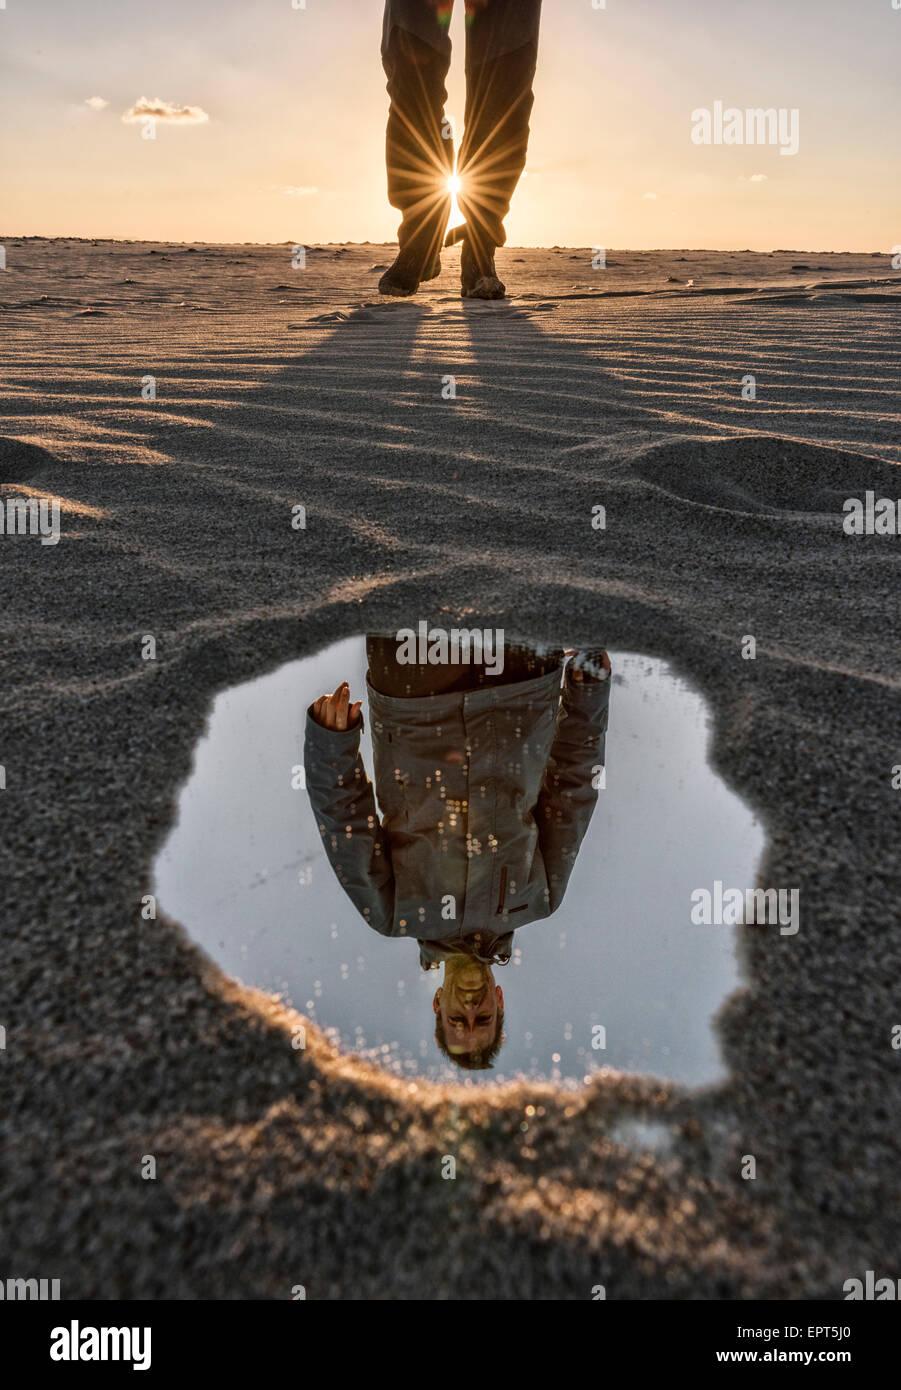 La riflessione di un uomo. Immagini Stock